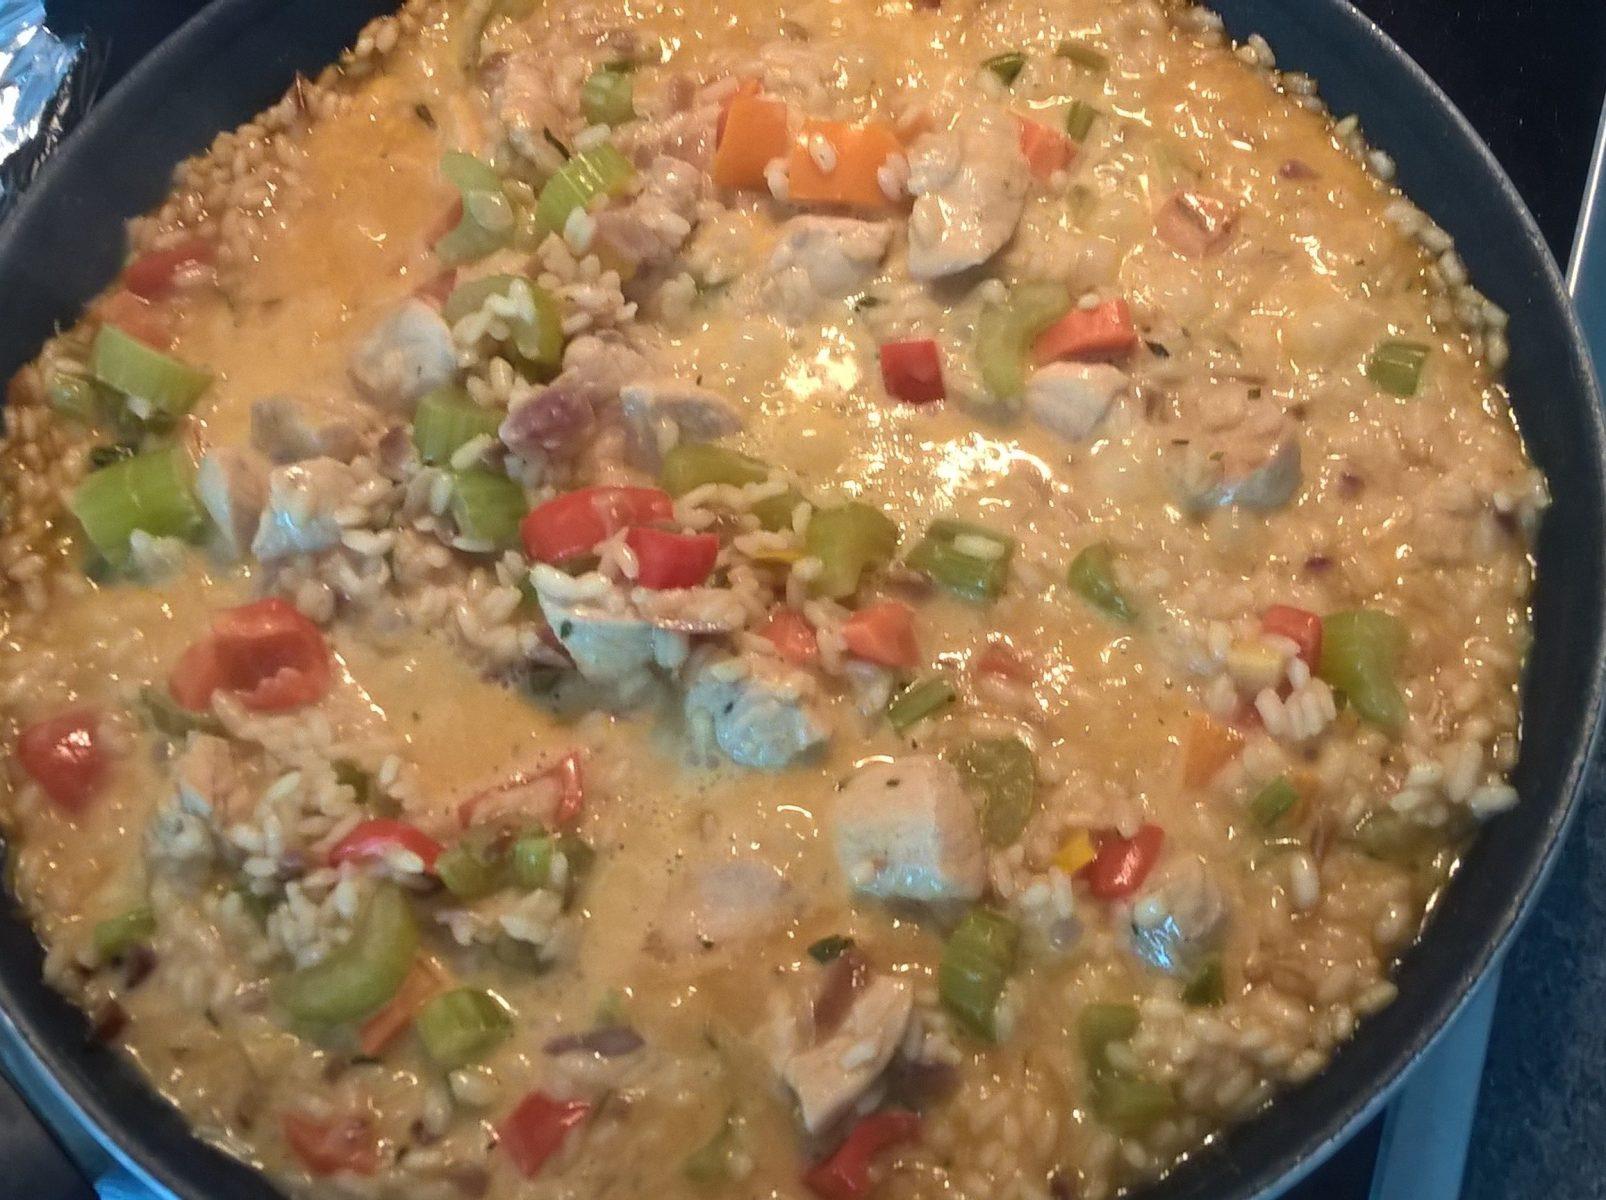 Hühnchen Paella in der Pfanne